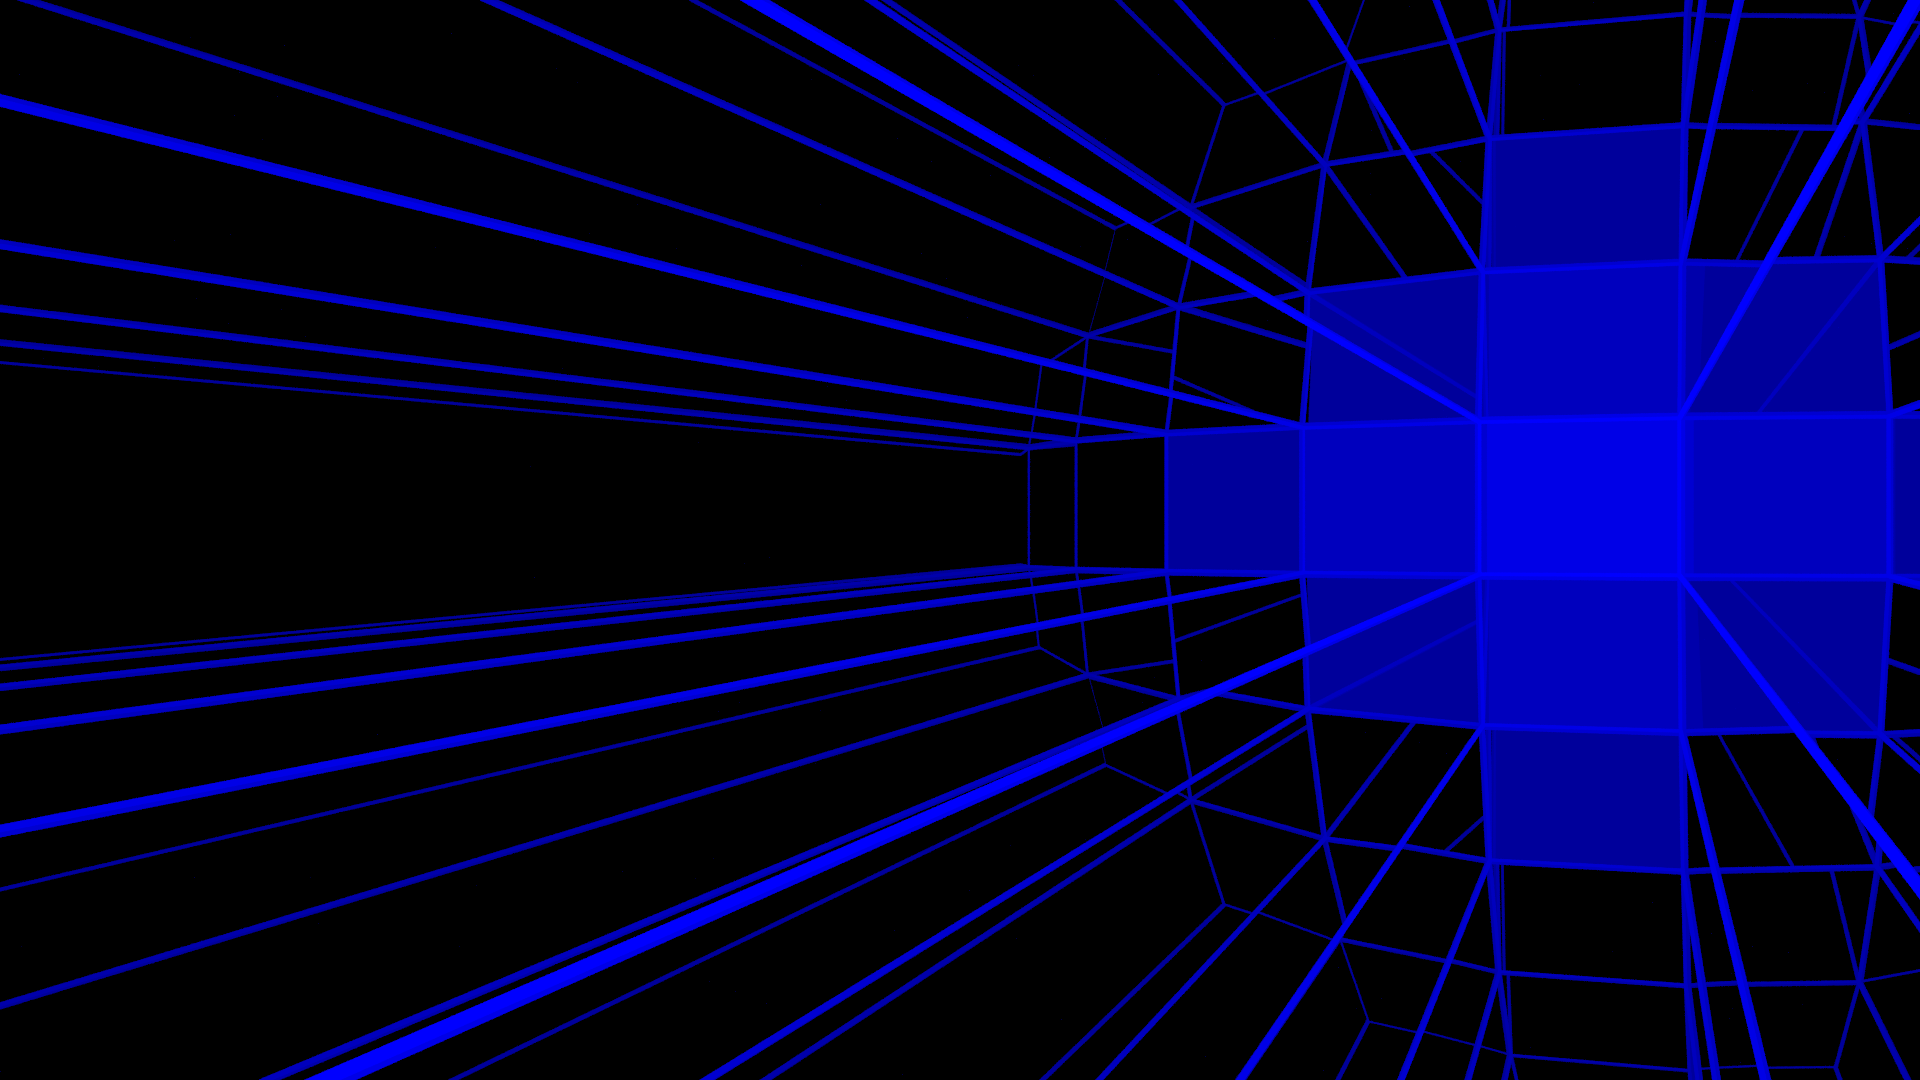 3D Blue Wallpaper - WallpaperSafari